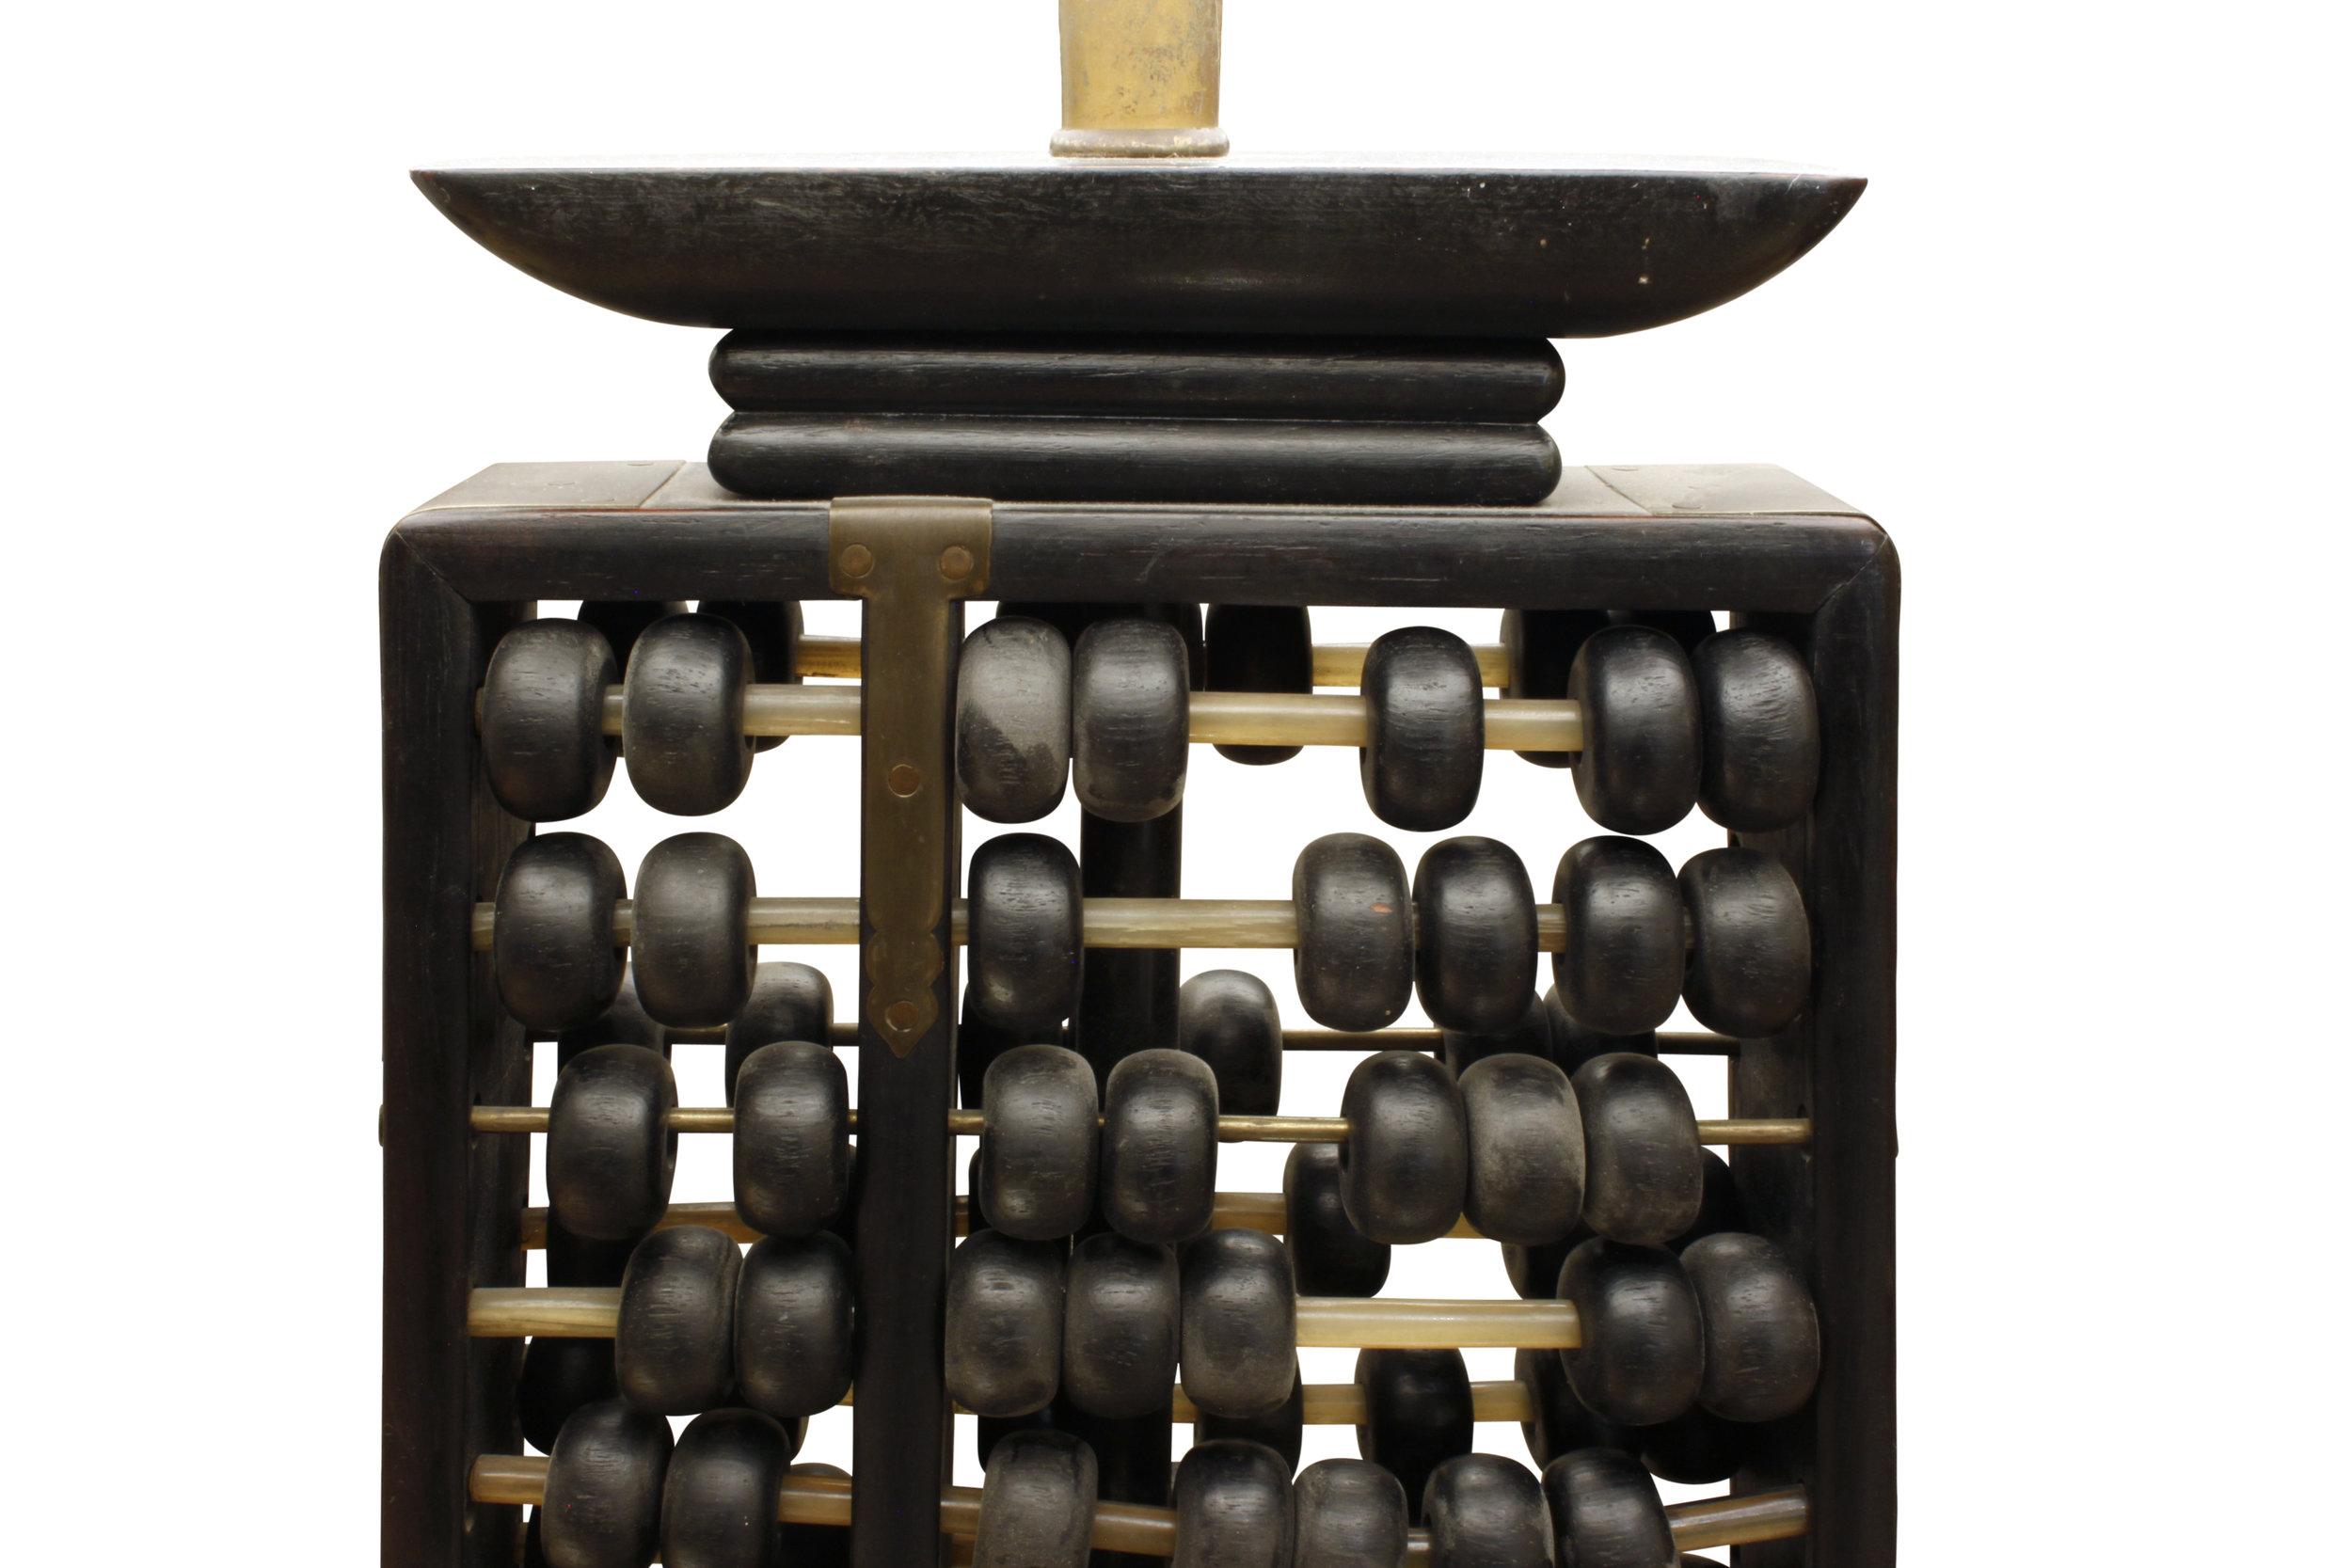 Abacus 25 1940s tablelamp96 top dtl.JPG